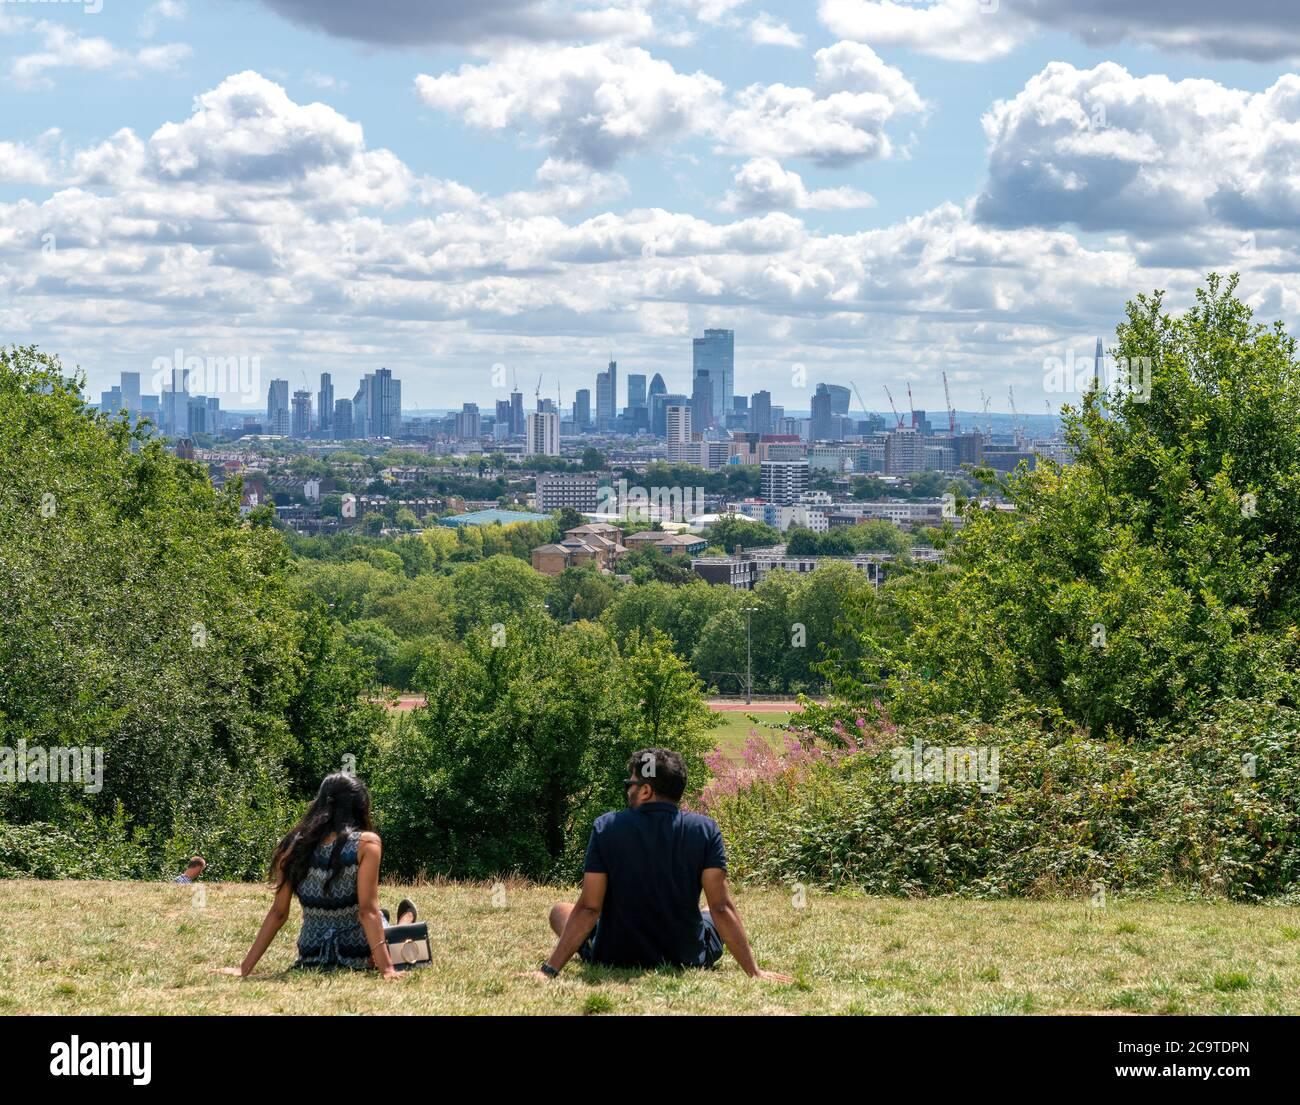 2 août 2020 - Londres, Royaume-Uni. Couple bénéficiant d'une vue panoramique sur Londres depuis le parc de Hampstead Heath. Banque D'Images